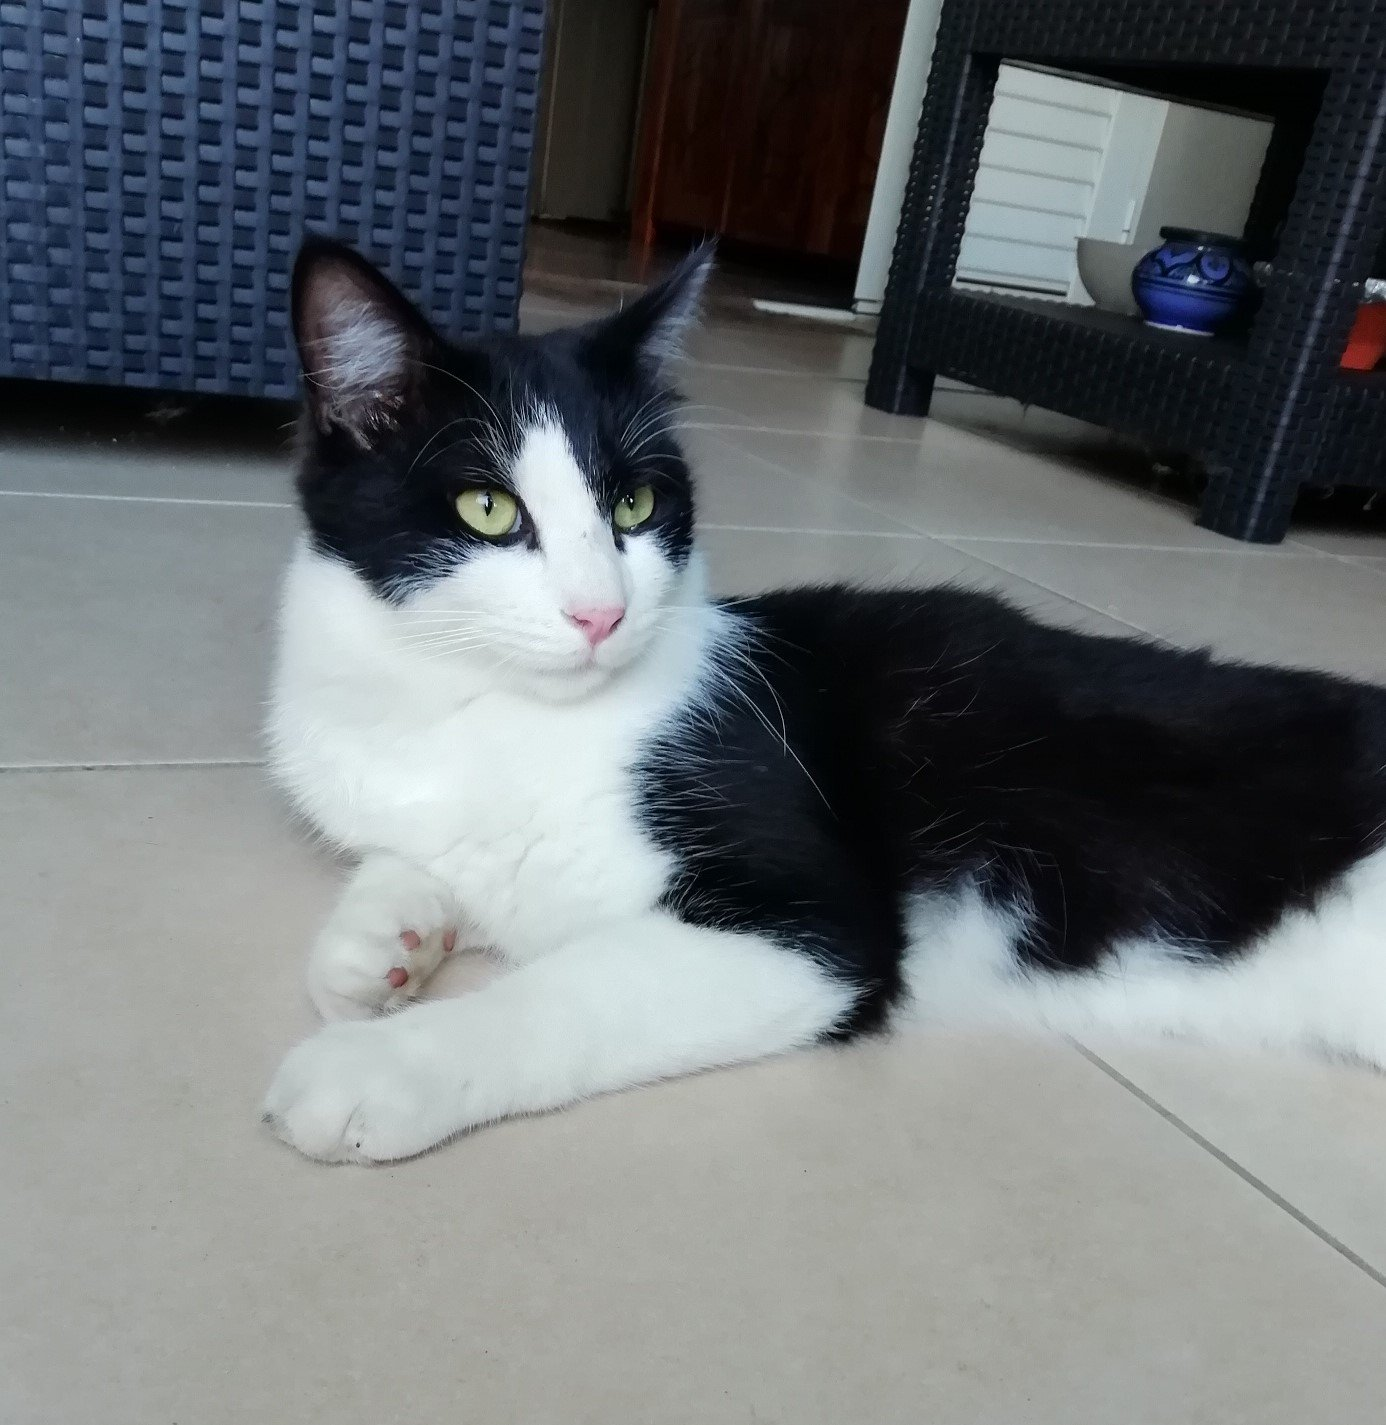 CHAPLIN loulou noir et blanc, poils mi-longs -  1 an et demi - marrainé par Harfeng et Ana 190608012511645969